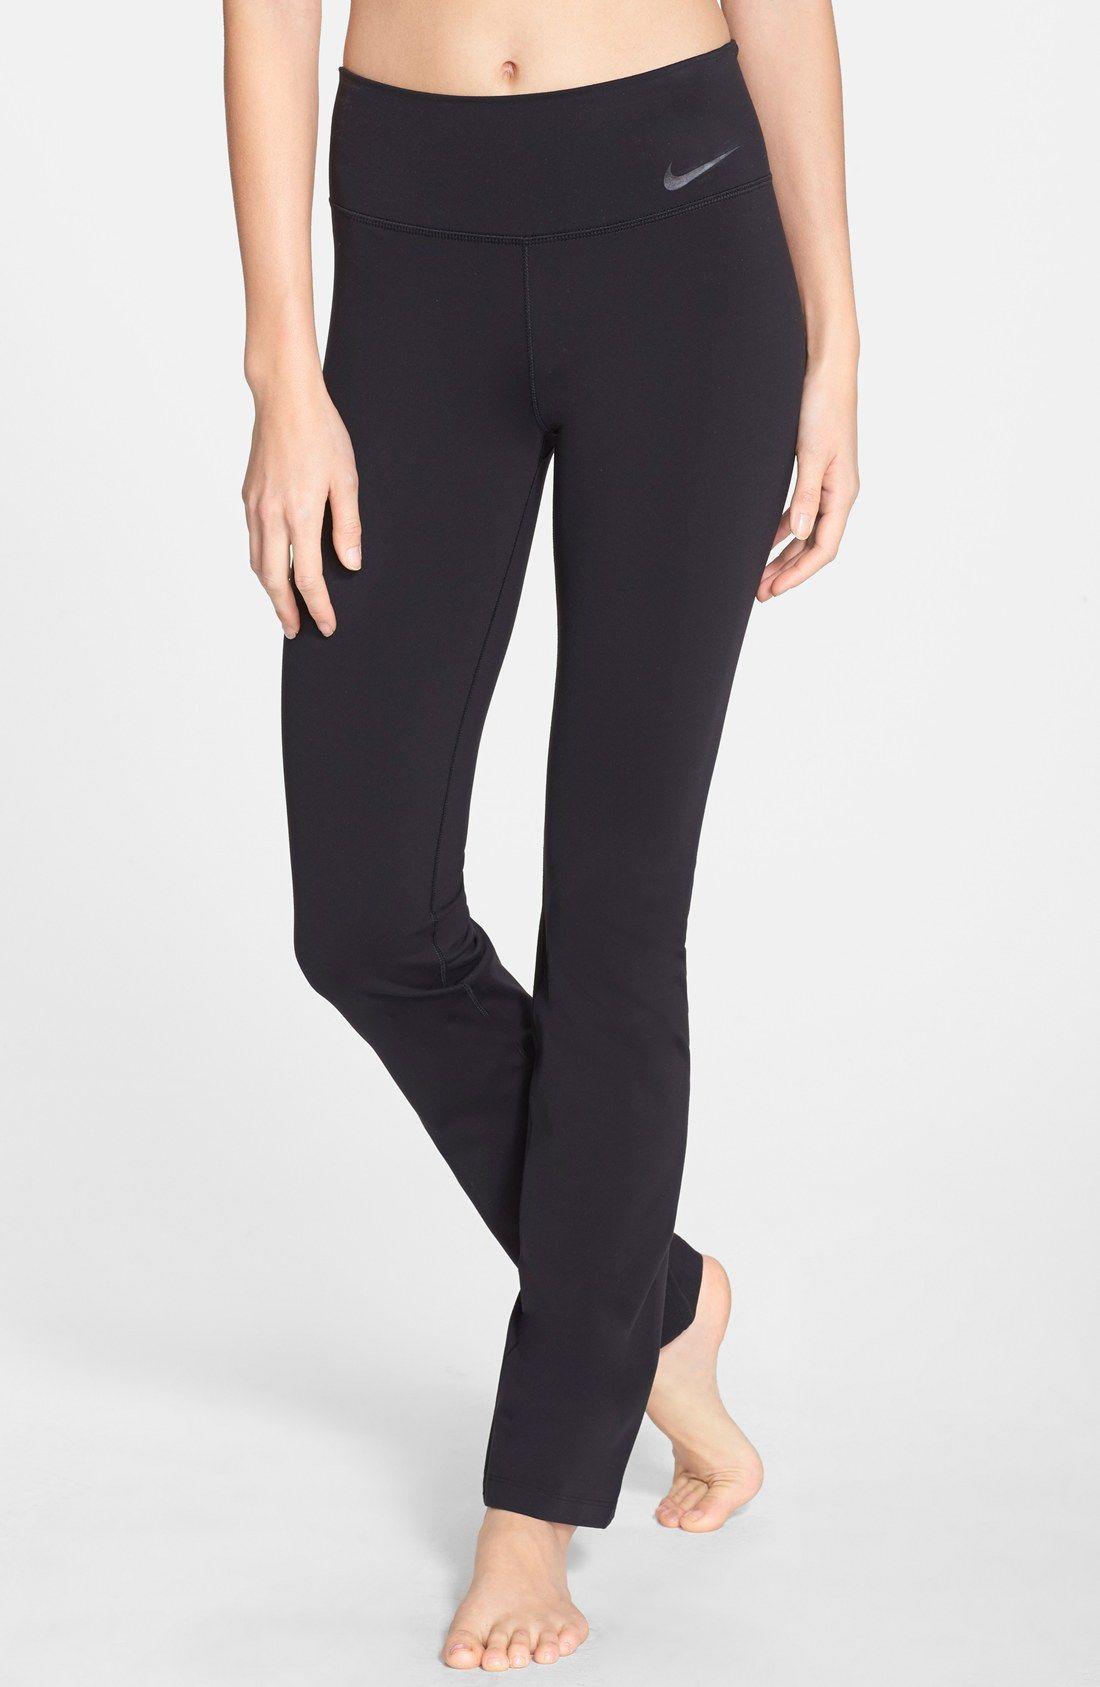 Nike legendary skinny drifit pants womens workout